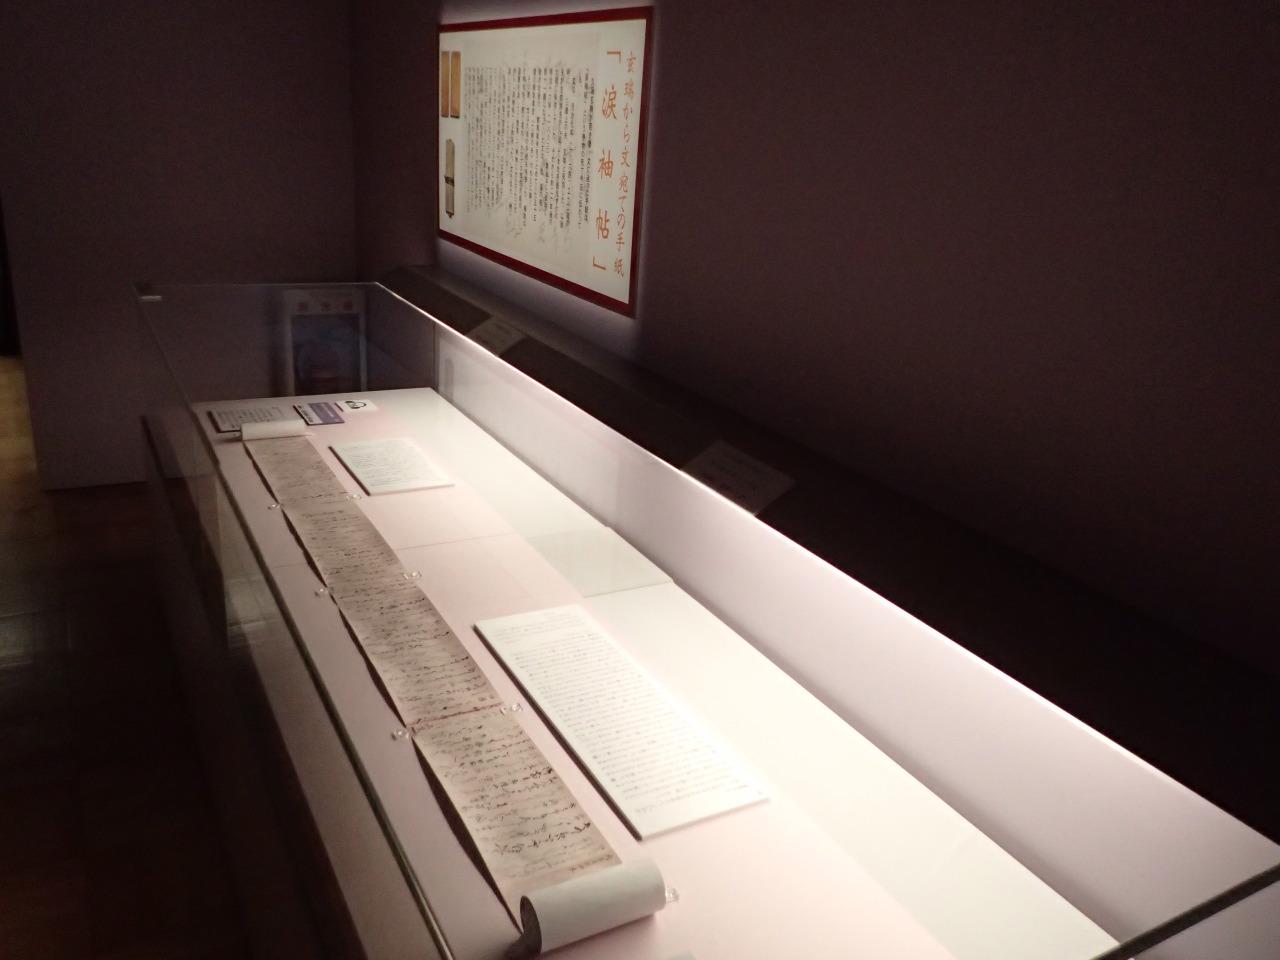 久坂玄瑞が旅先から文に宛てて送ってきた手紙を、維新後、巻子に仕立て「涙袖帖」と称したもの(複製)。玄瑞は禁門の変(蛤御門の変)で自刃したため、文が送った手紙は現存しない